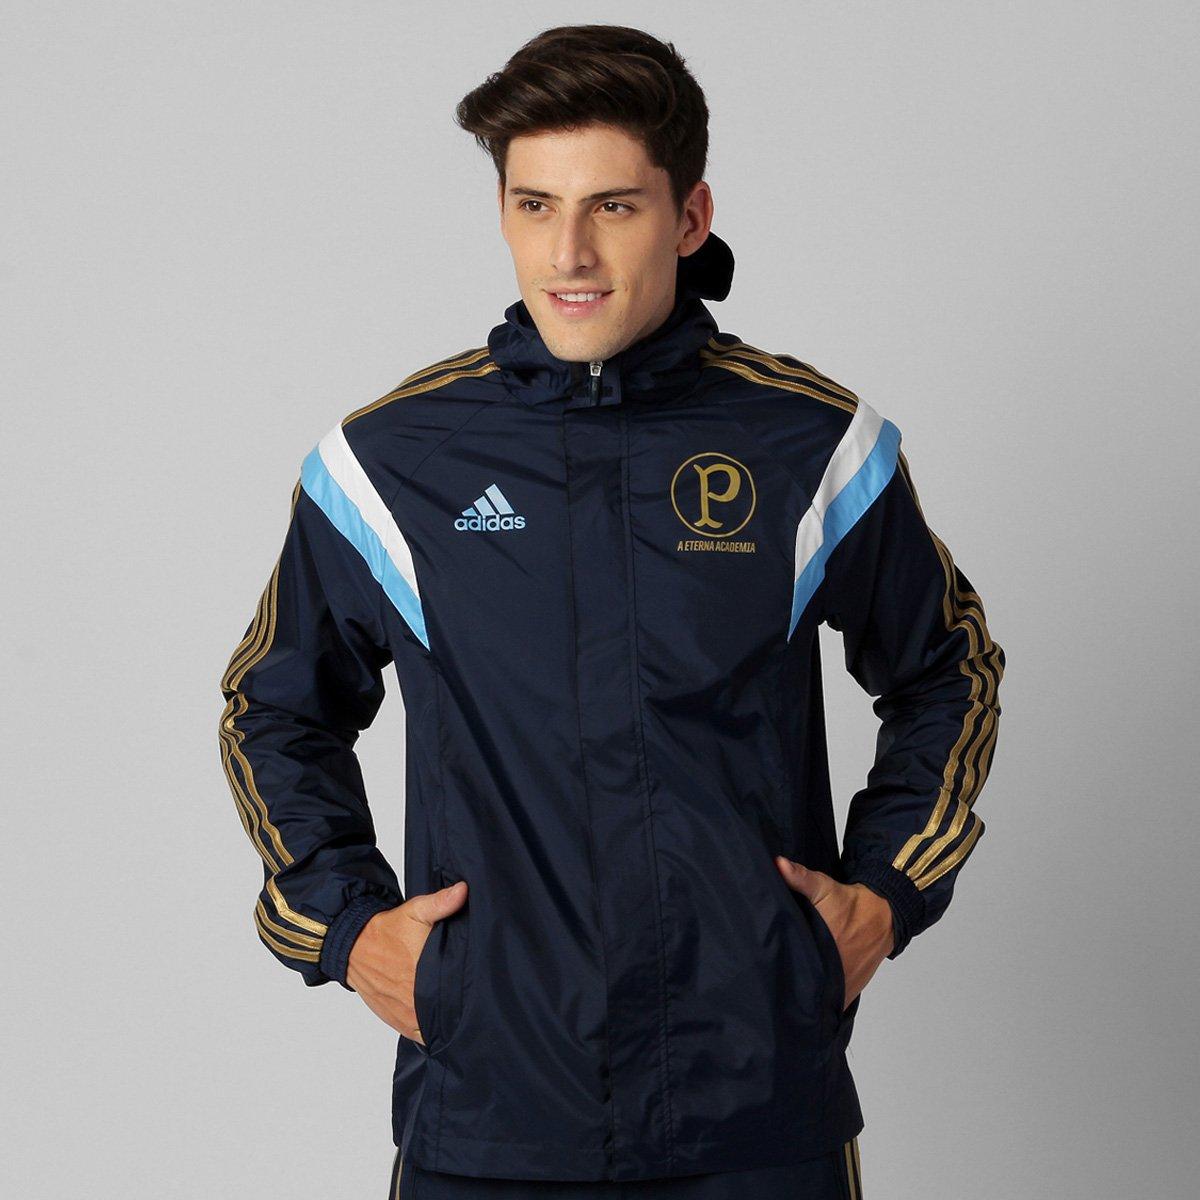 Jaqueta Adidas Palmeiras All c  Capuz - Compre Agora  a137342a0a844